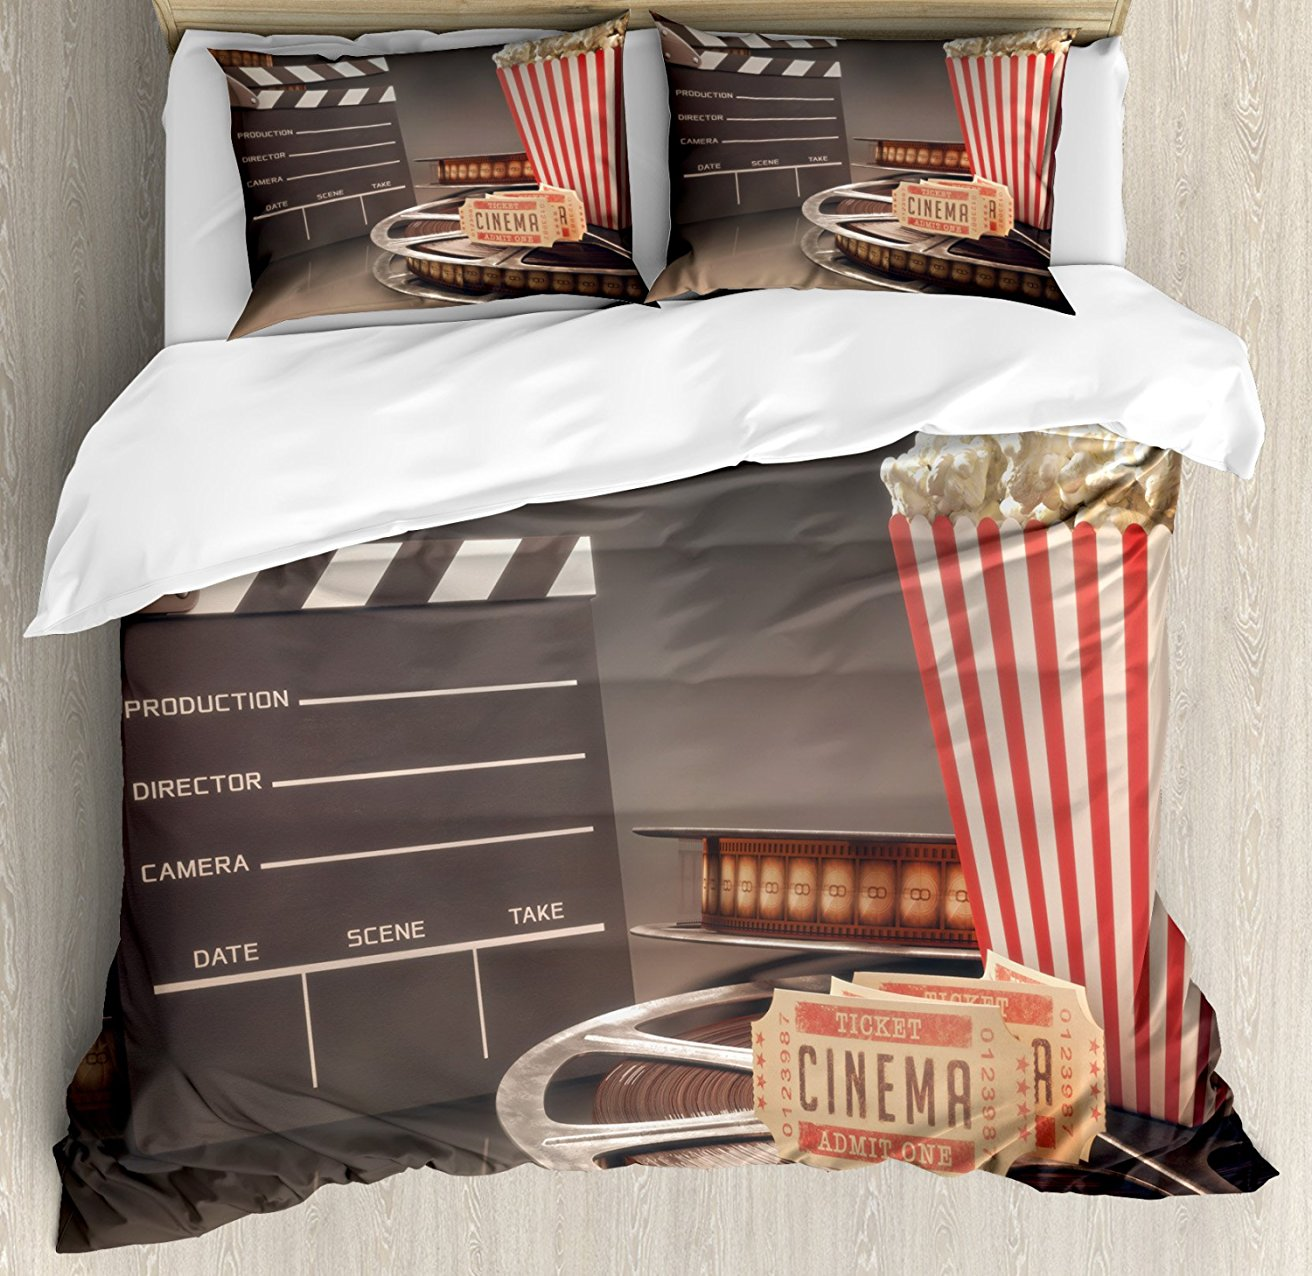 Набор пододеяльников, старая мода, развлекательные предметы, связанные с кинофильмом, катушка, изображение движения, Комплект постельного